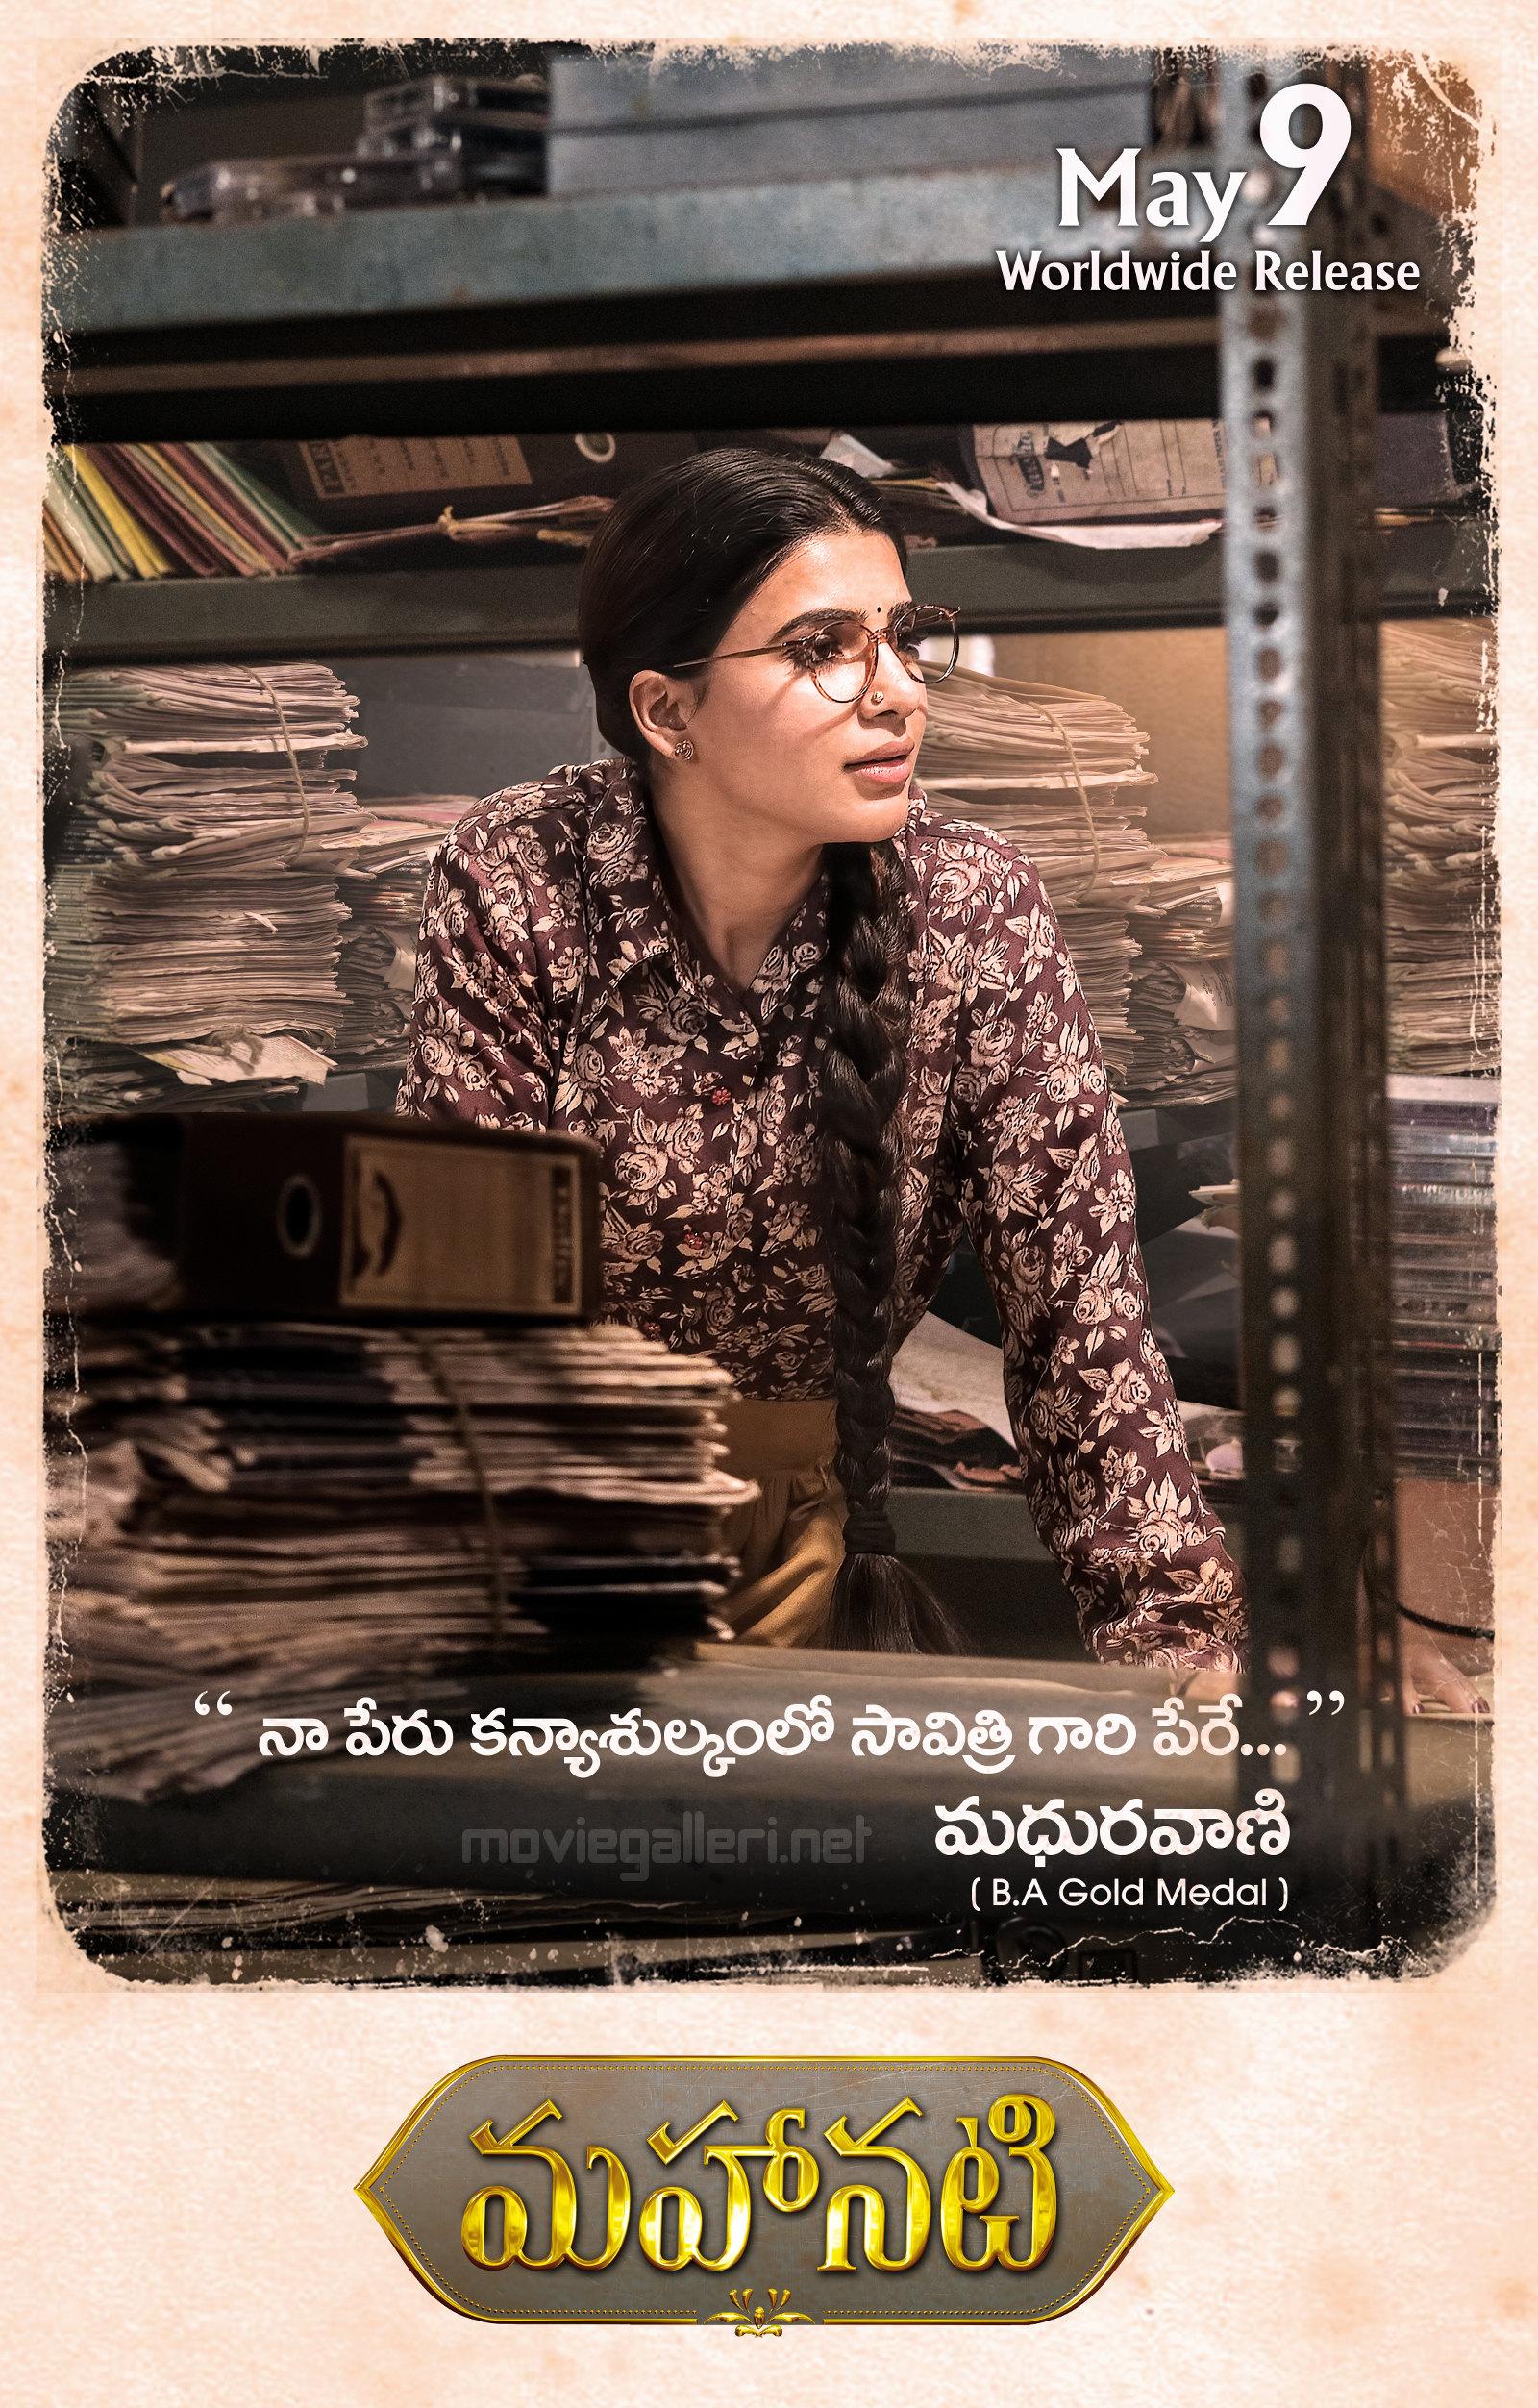 Mahanati Samantha First Look Poster HD